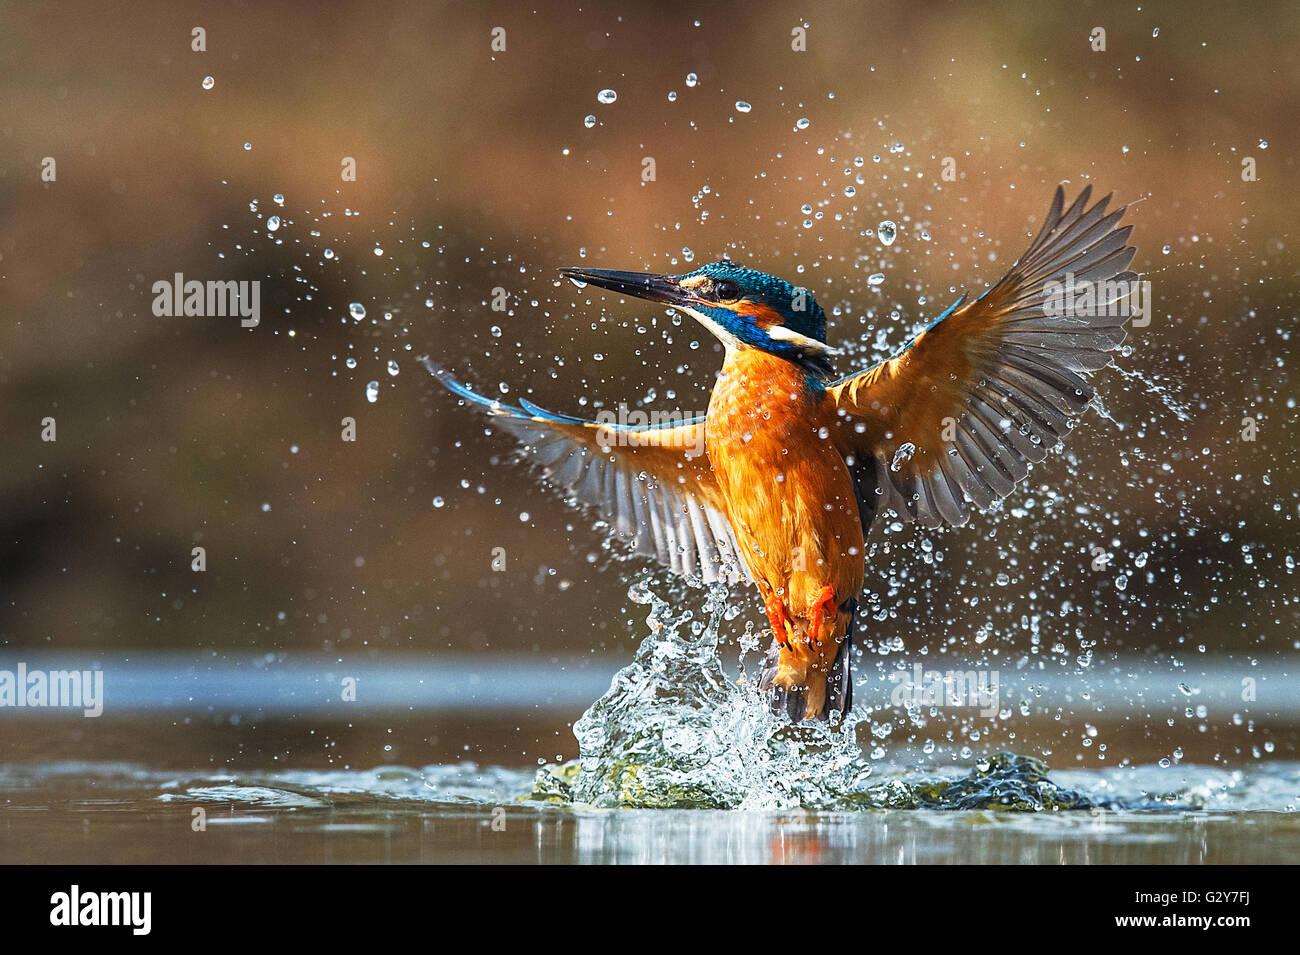 Kingfisher emergiendo del agua Imagen De Stock